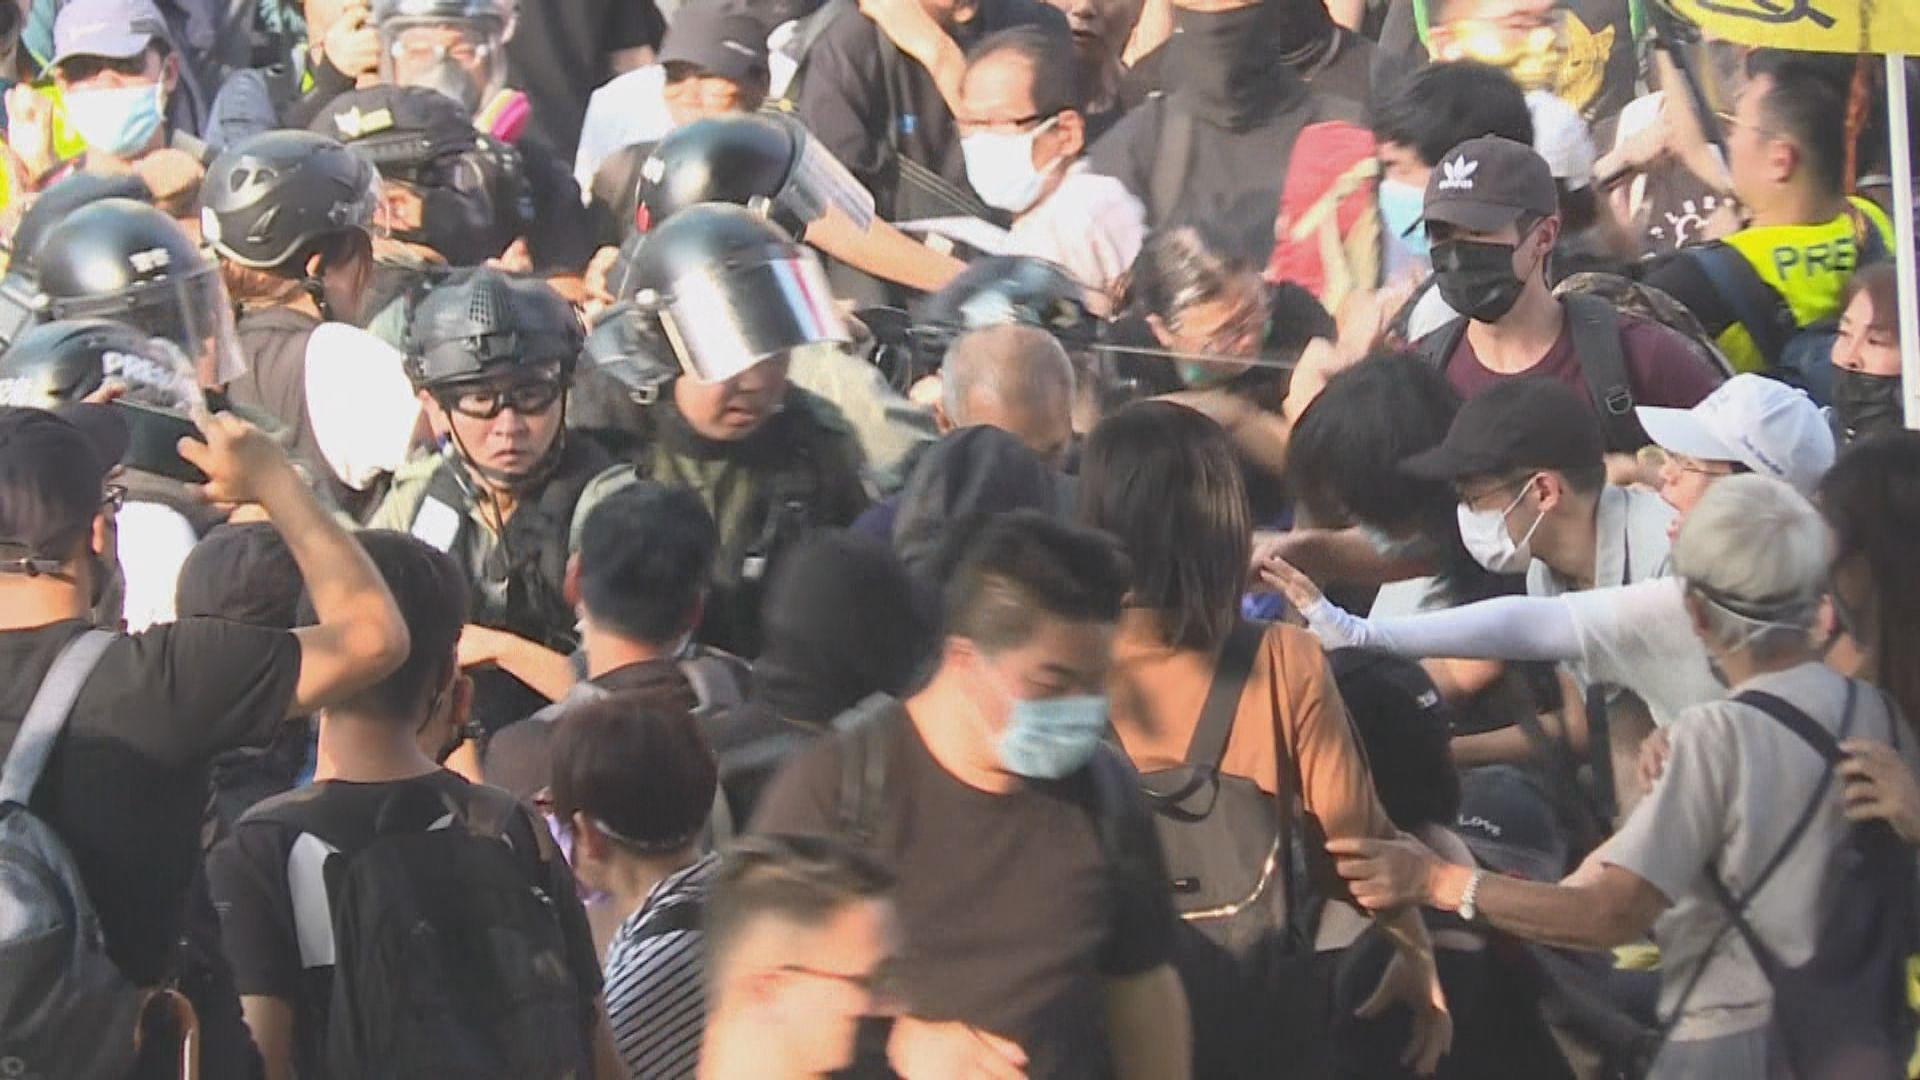 梳士巴利花園集會 有人與警方發生衝突